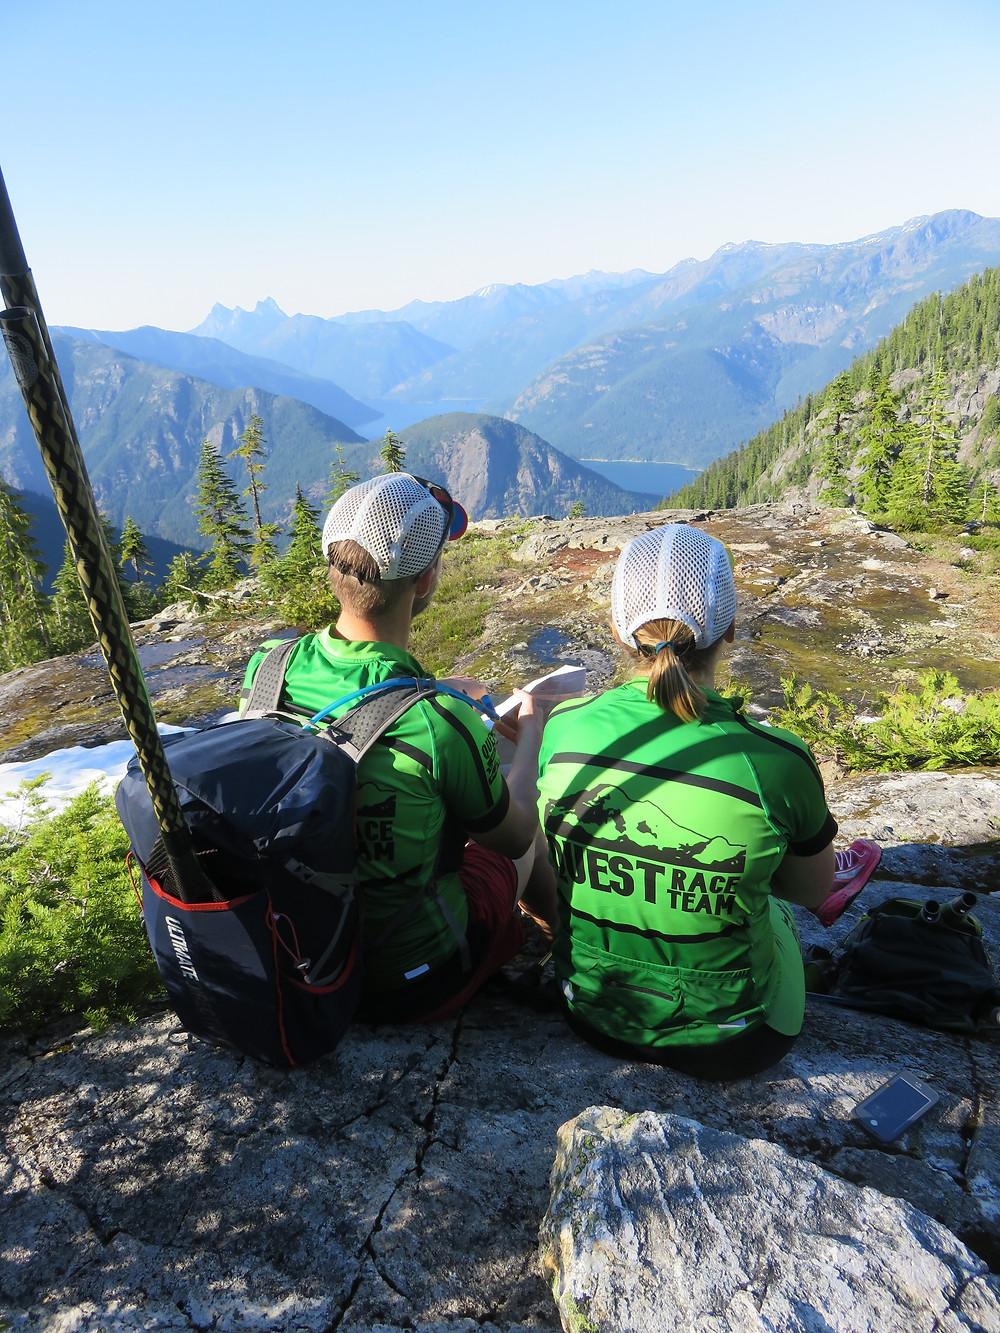 Mitch & Scarlett taking in the views